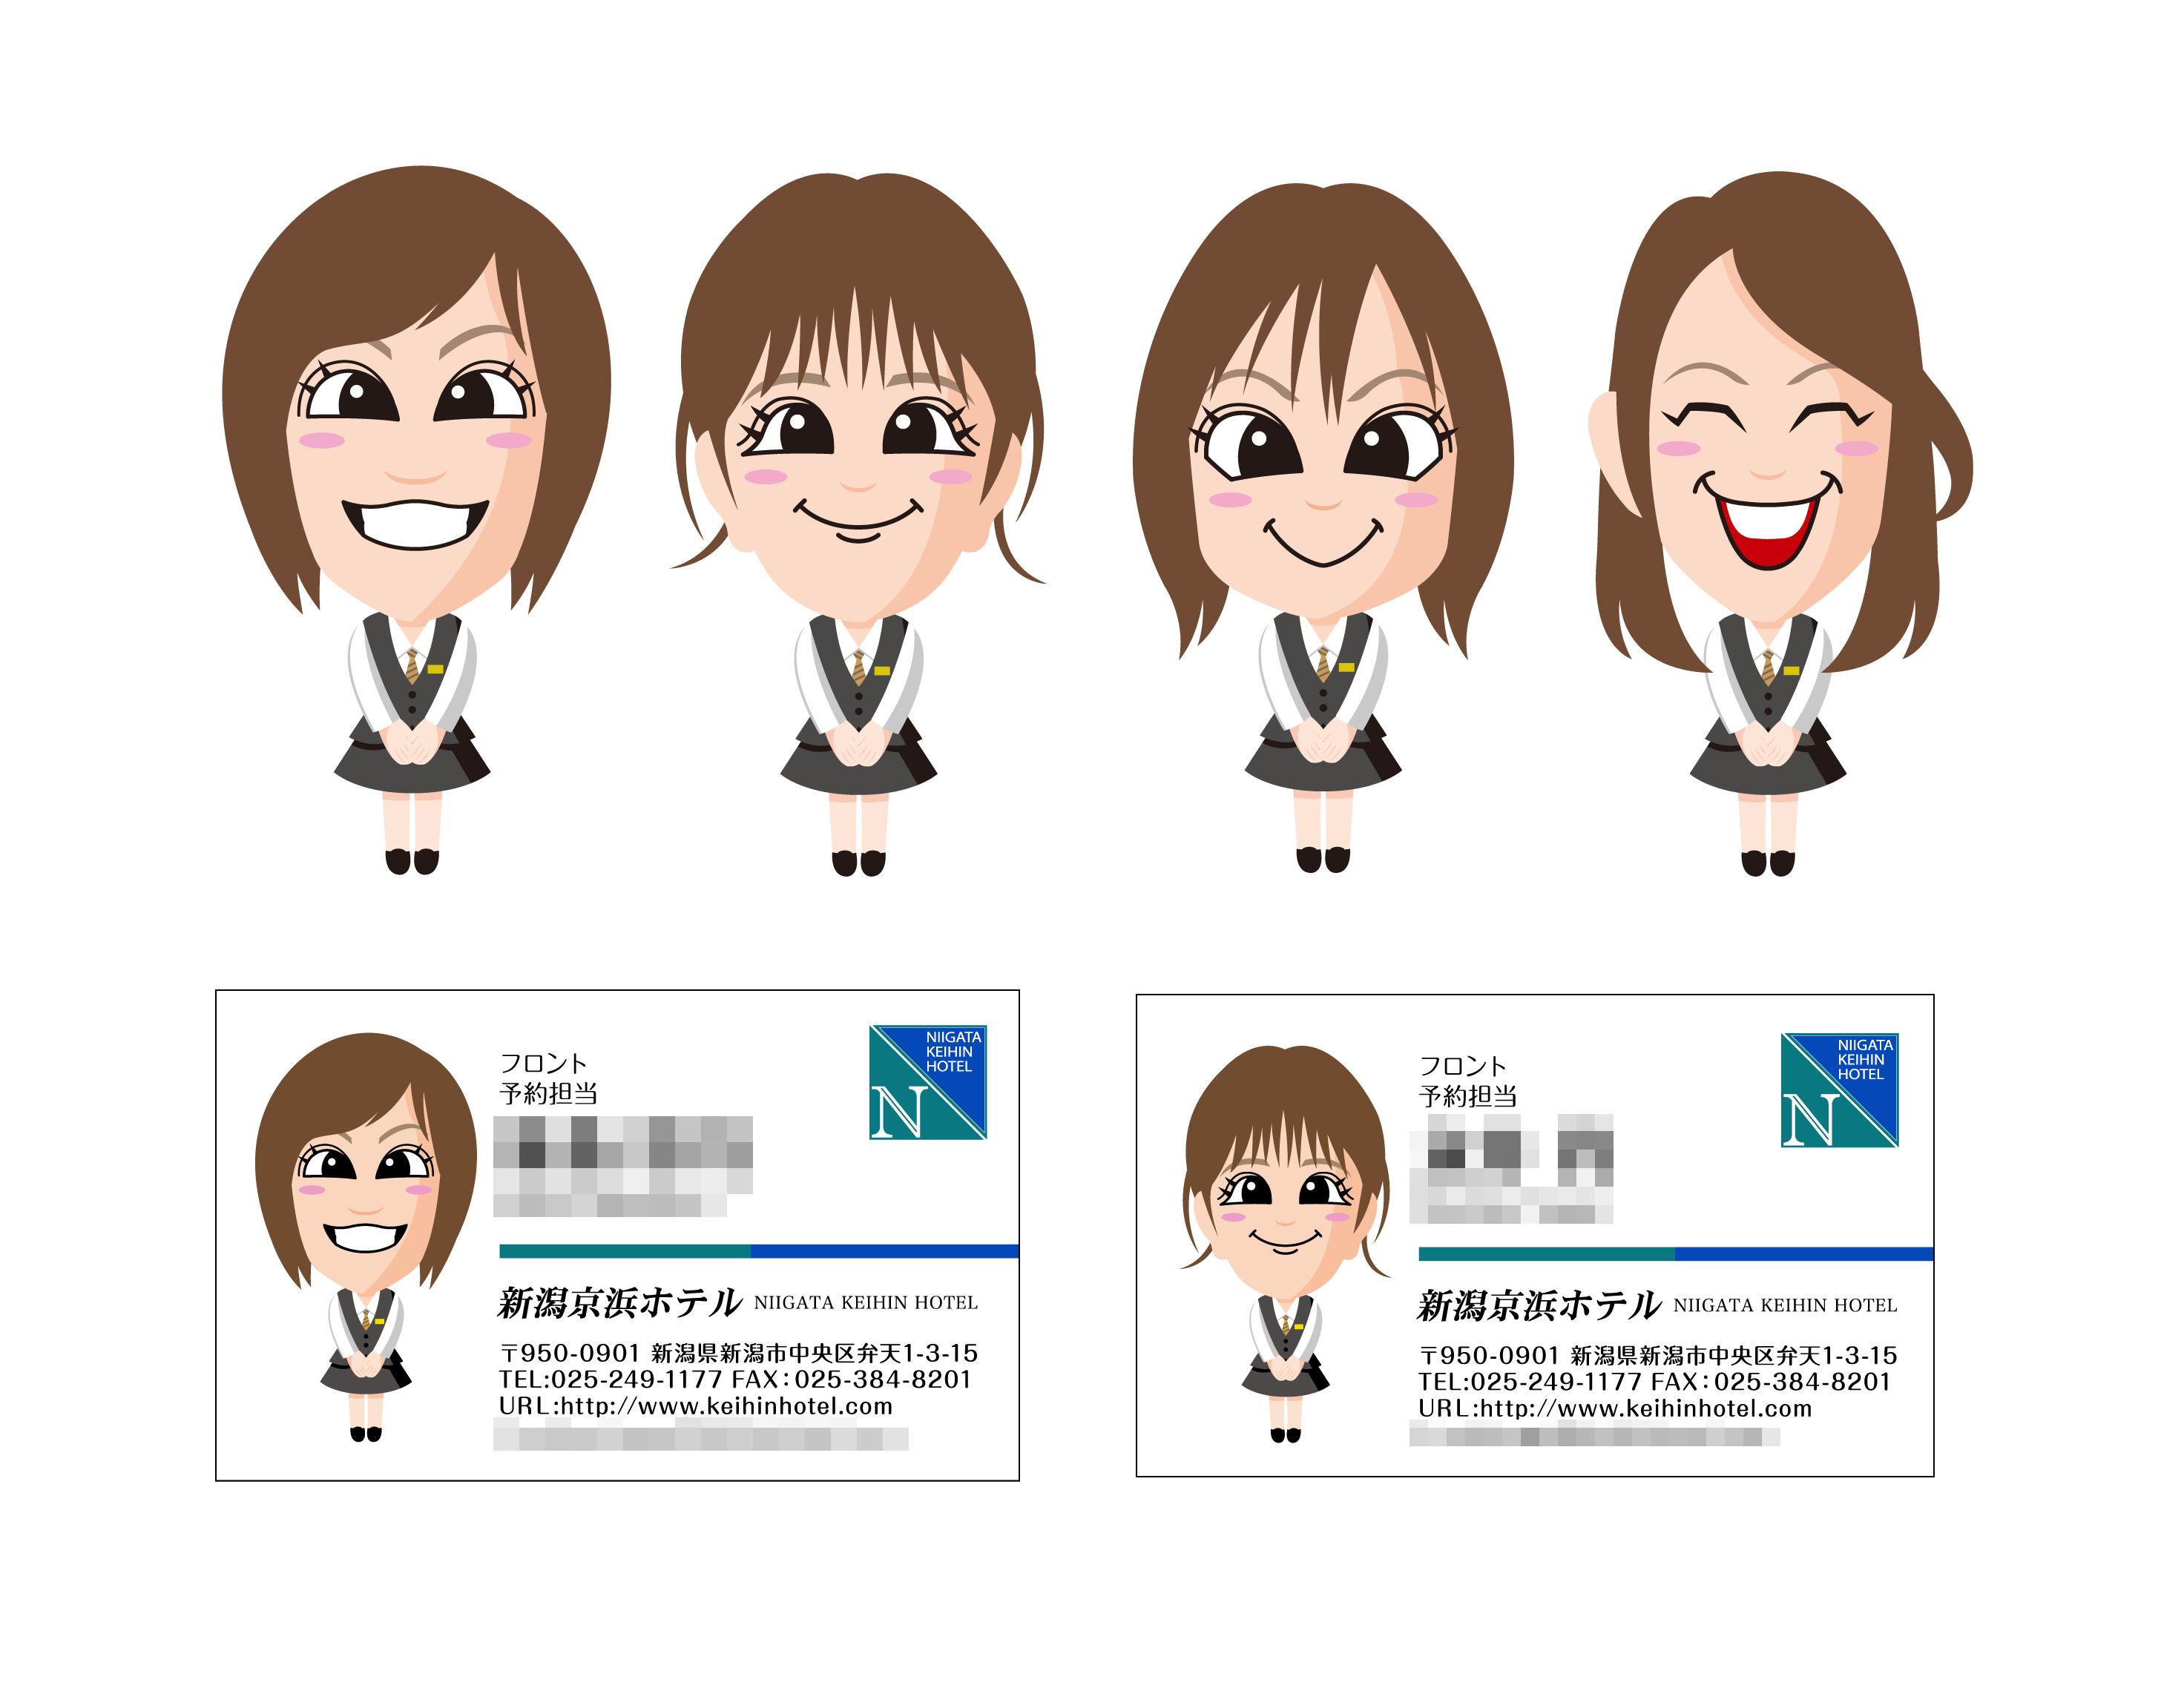 新潟京浜ホテル スタッフ似顔絵